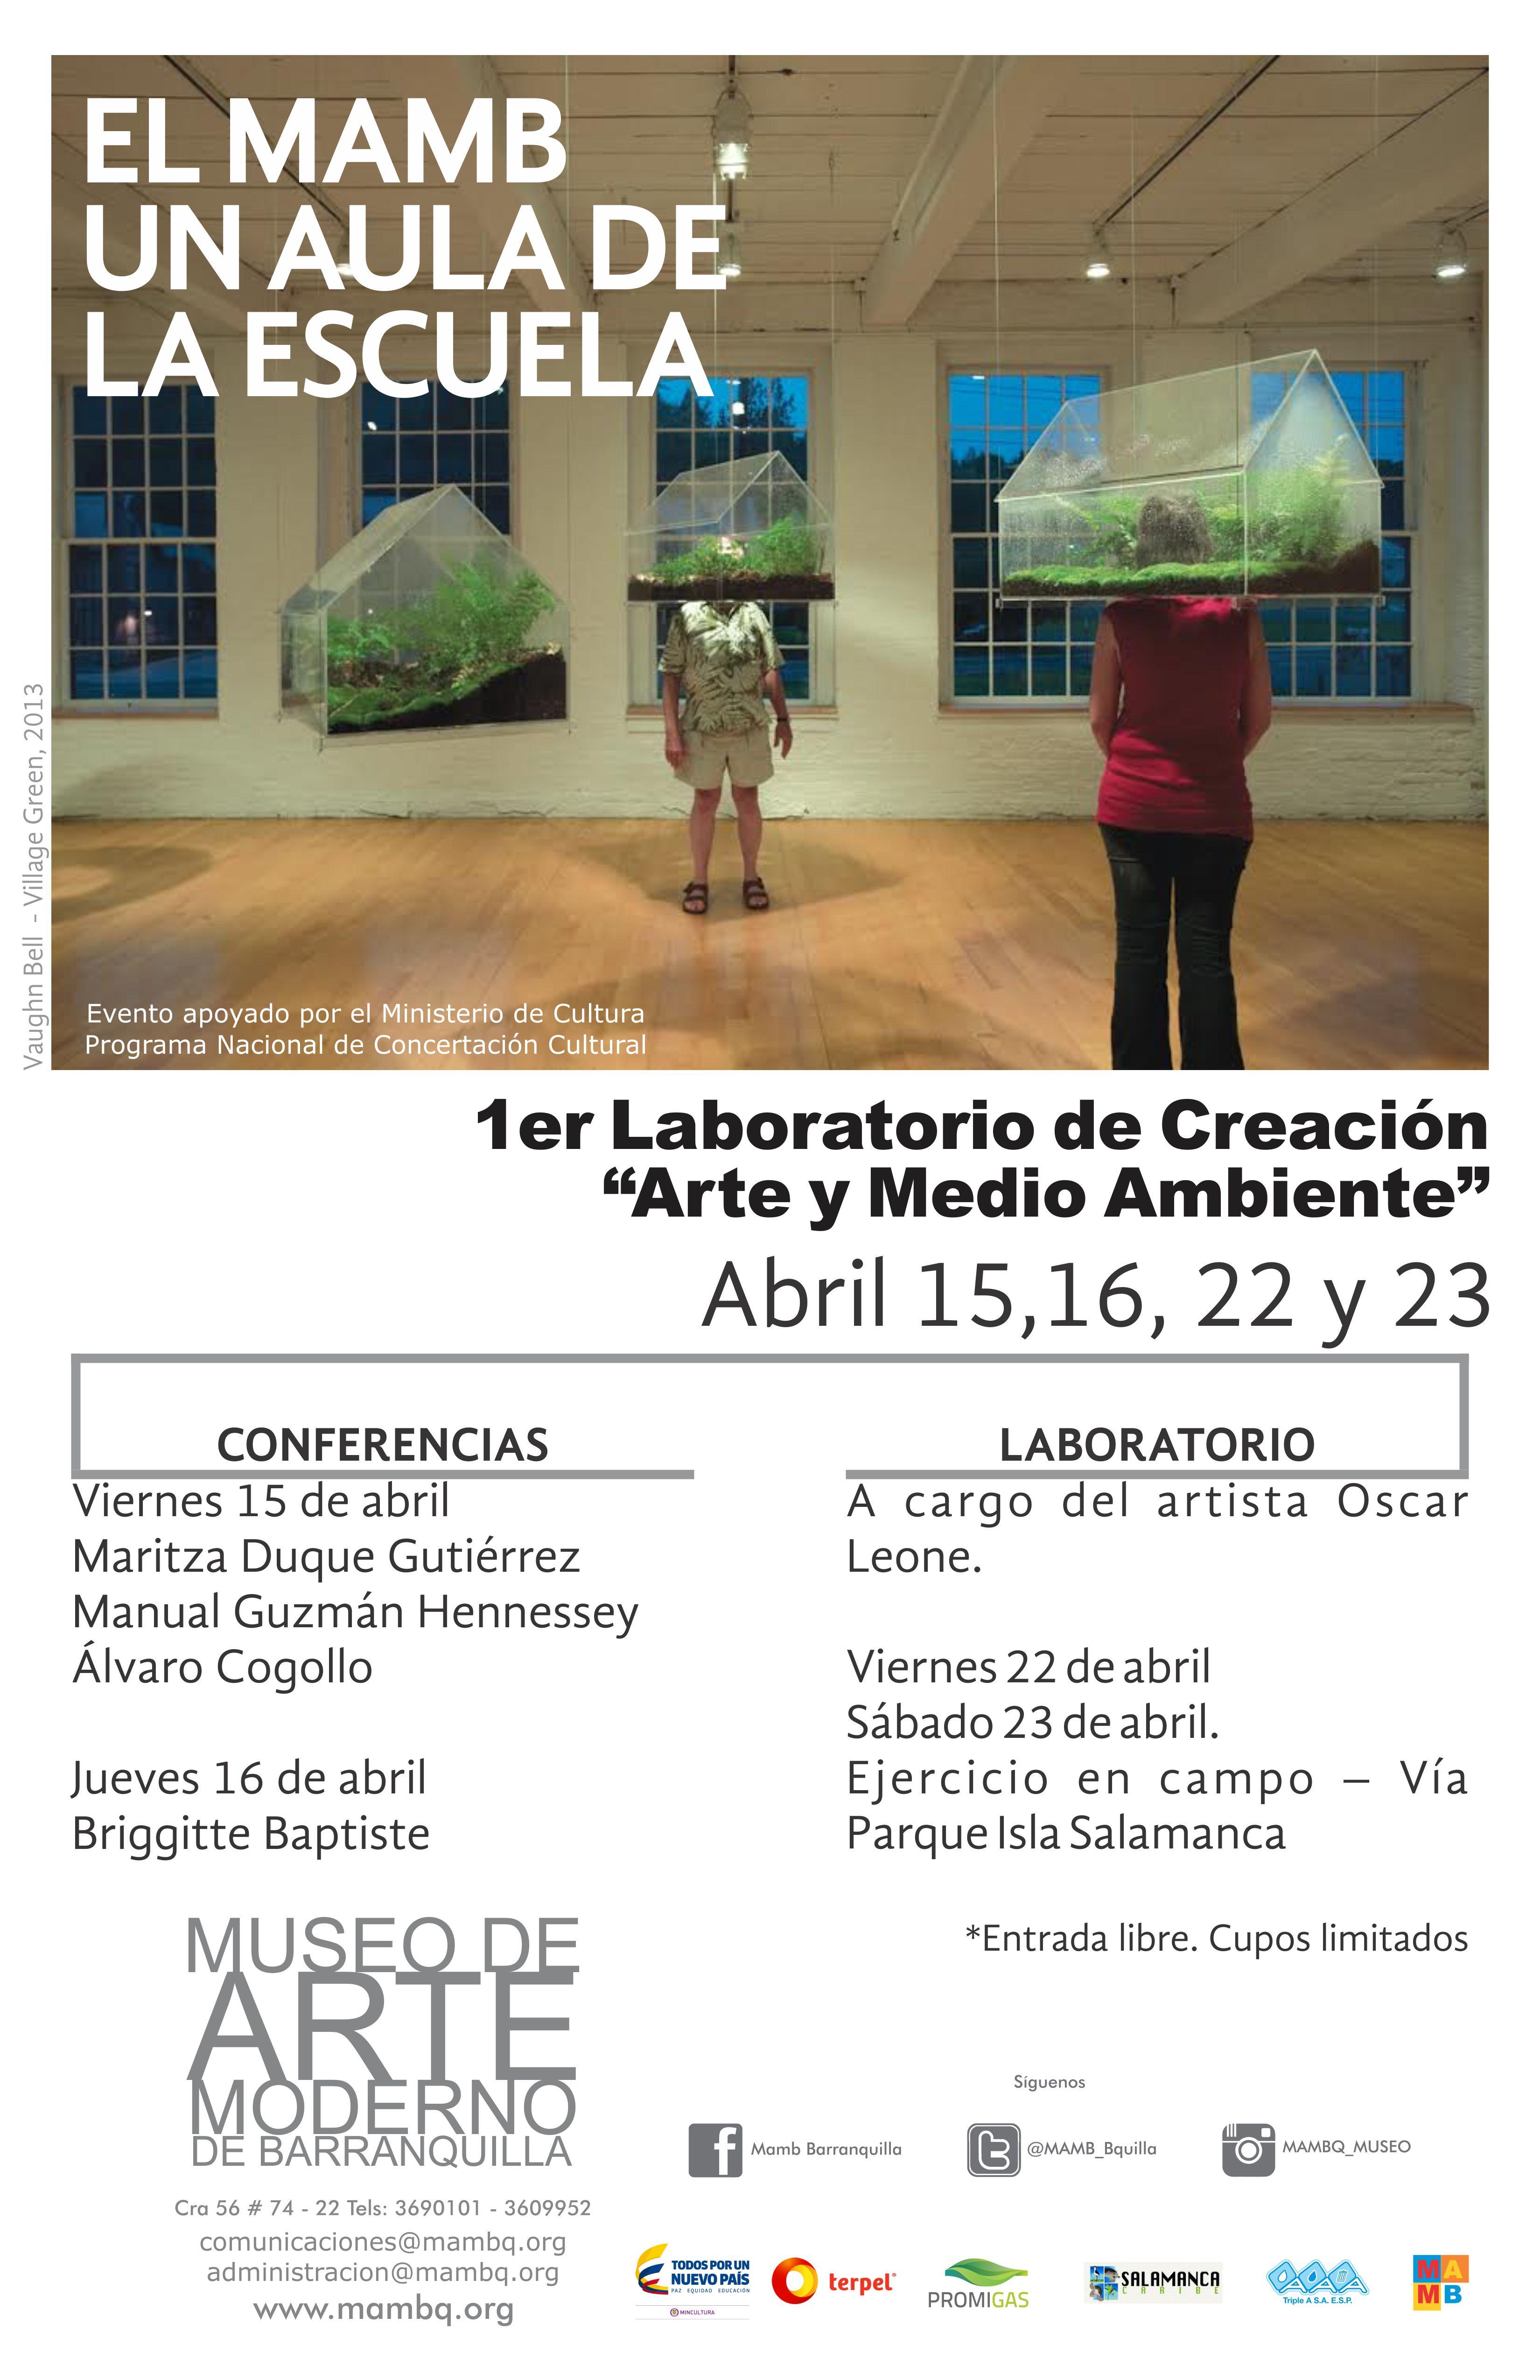 afiche mambaula laboratorio 2016 def